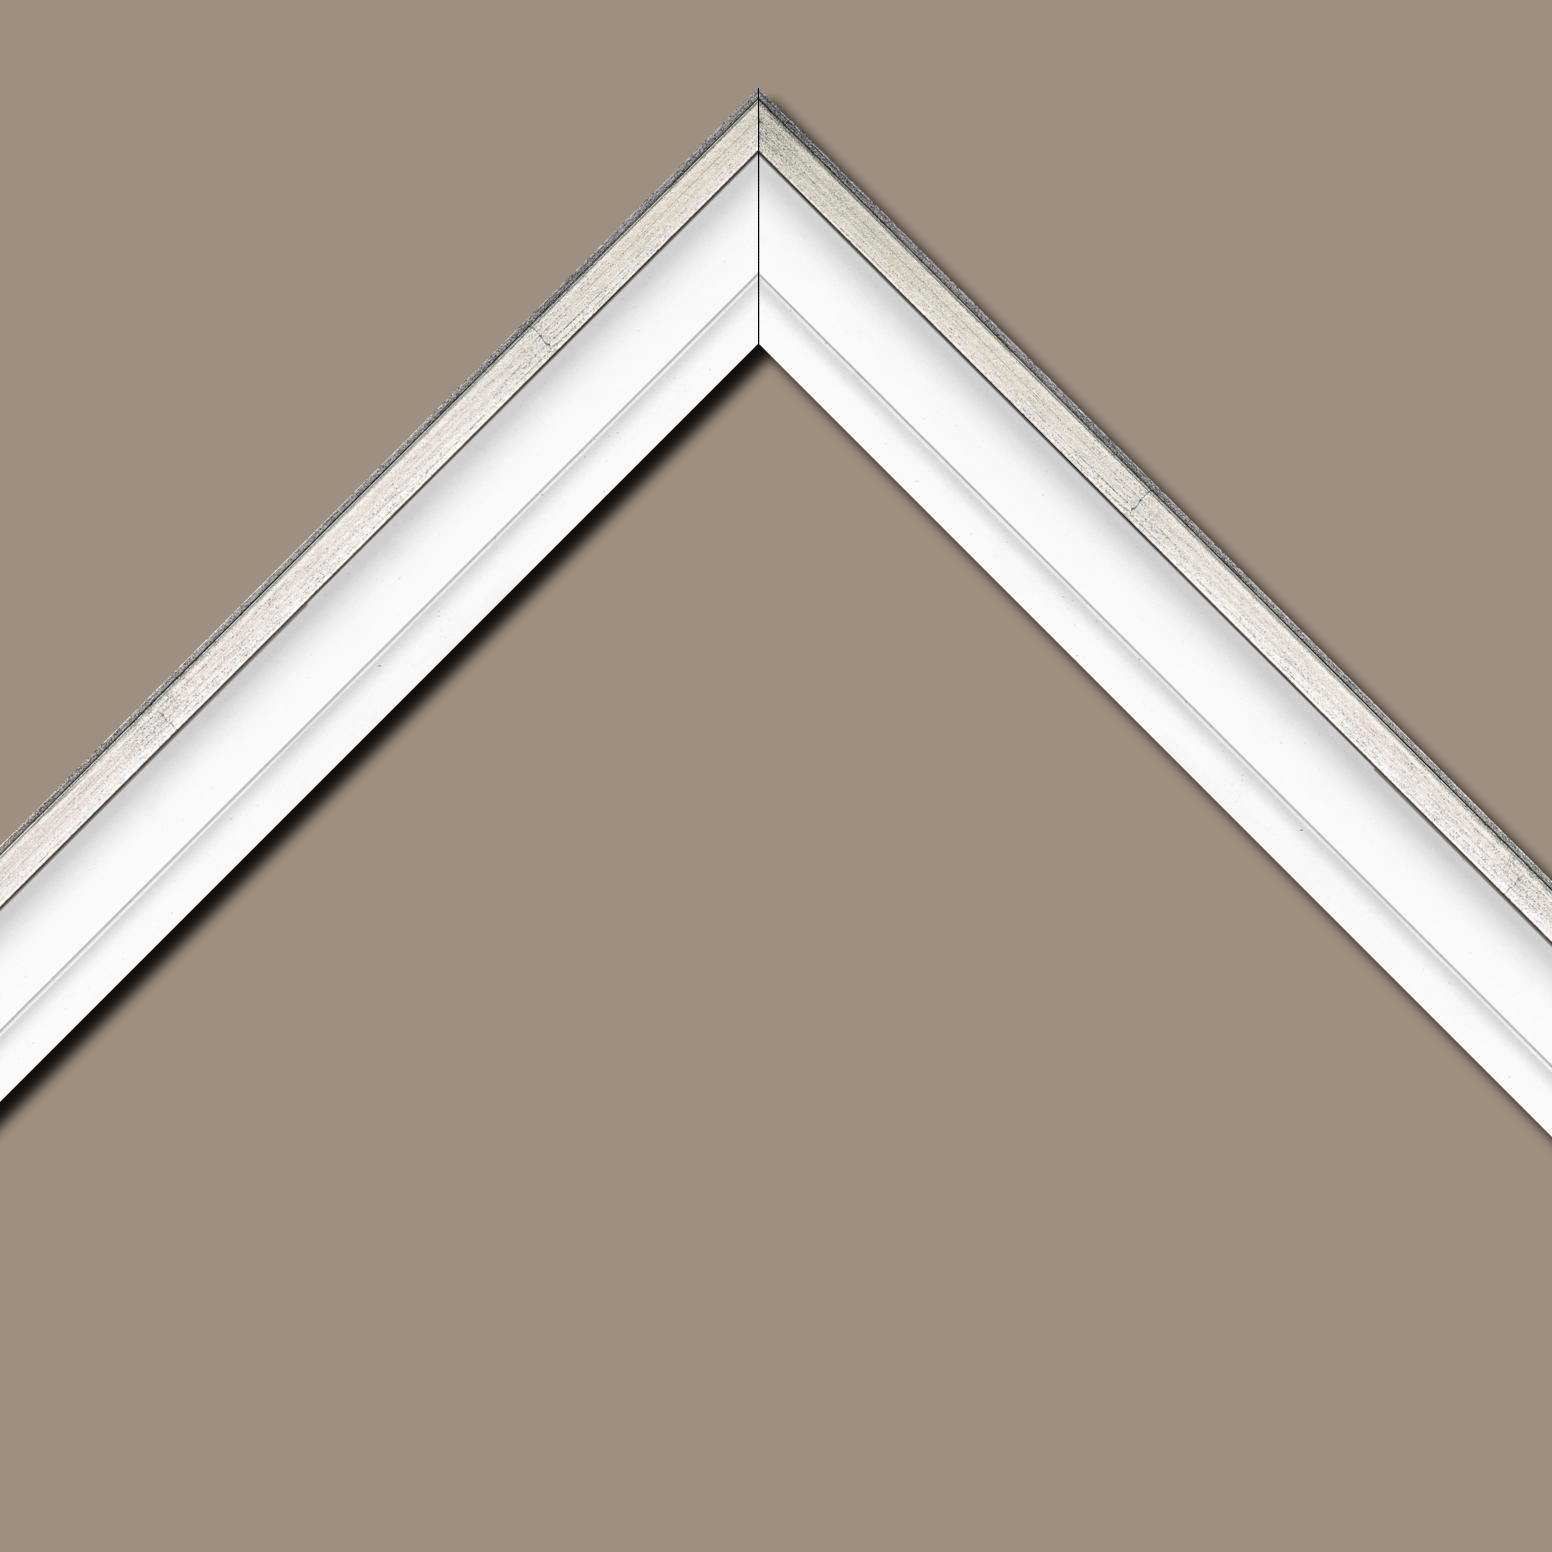 Baguette bois caisse américaine profil escalier largeur 4.4cm blanc mat filet argent (spécialement conçu pour les châssis d'une épaisseur jusqu'à 2.5cm )